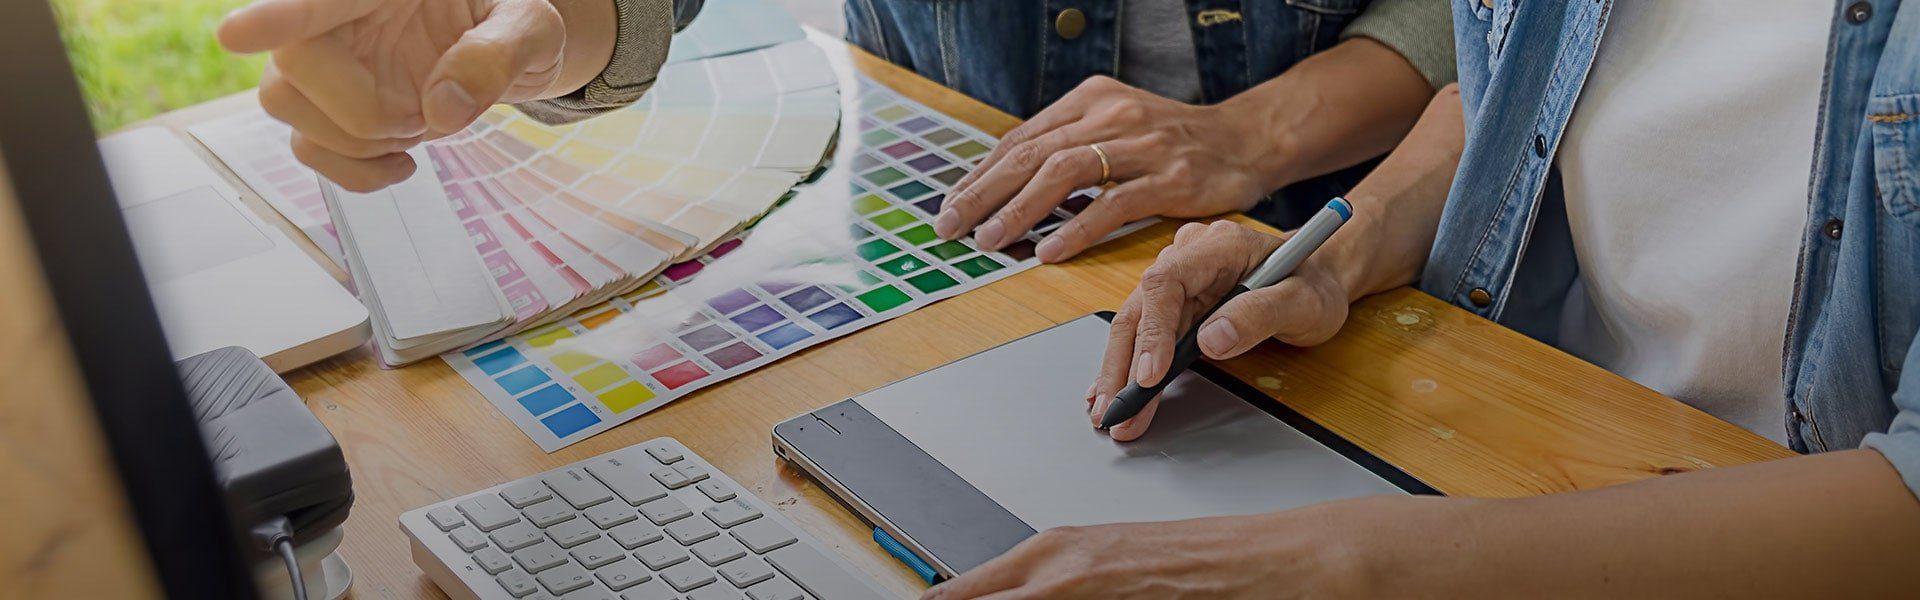 Graphic Design BC